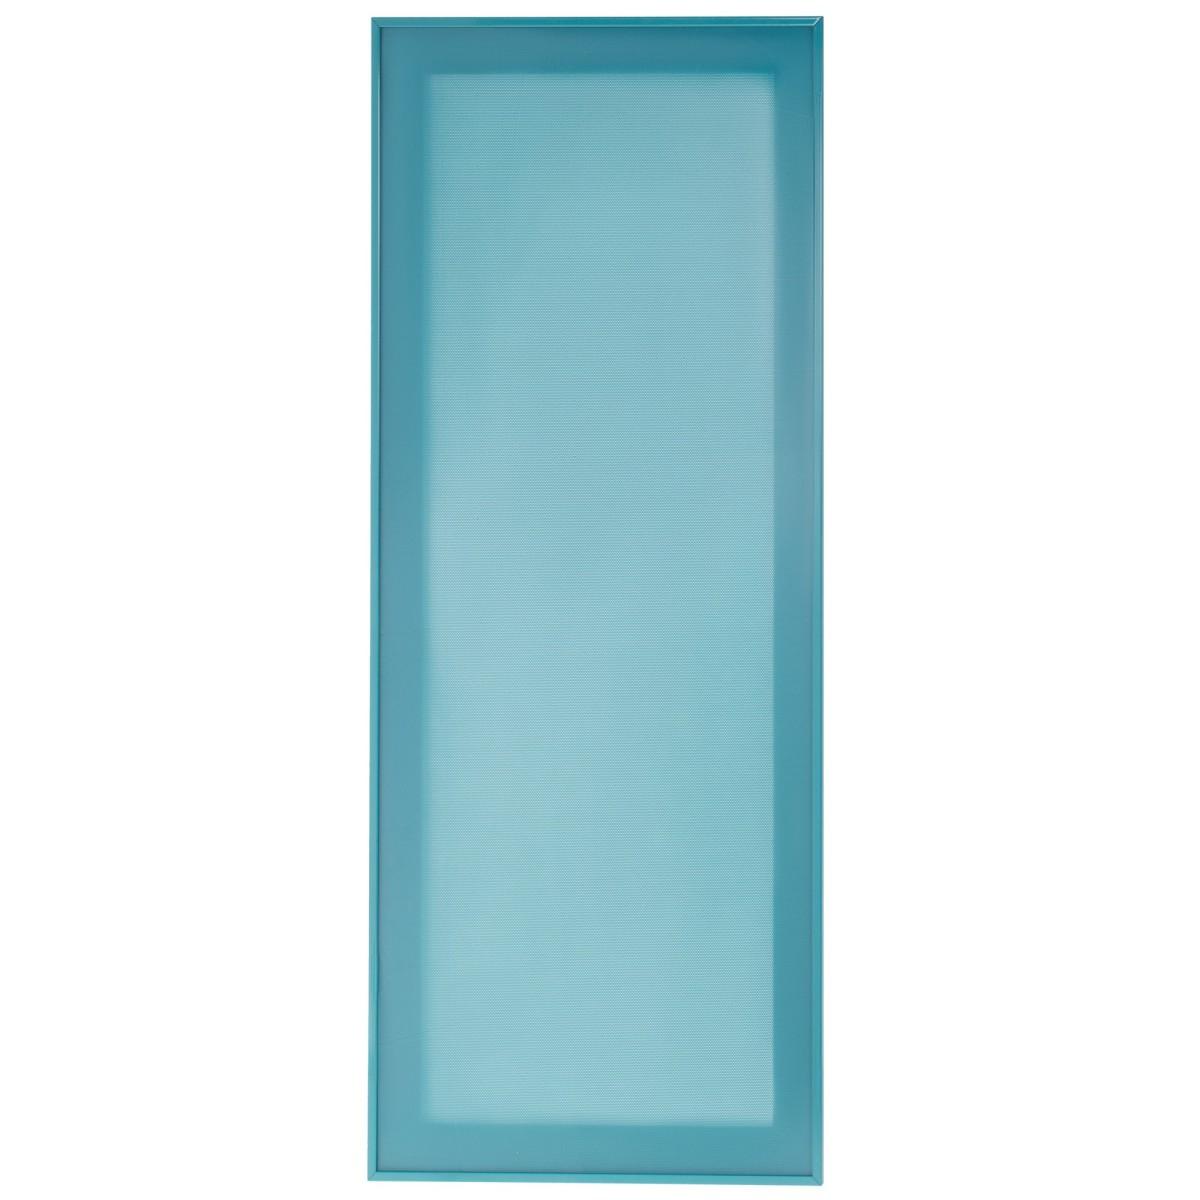 Витрина для шкафа Delinia Электрик 40x92 см алюминий/стекло цвет синий